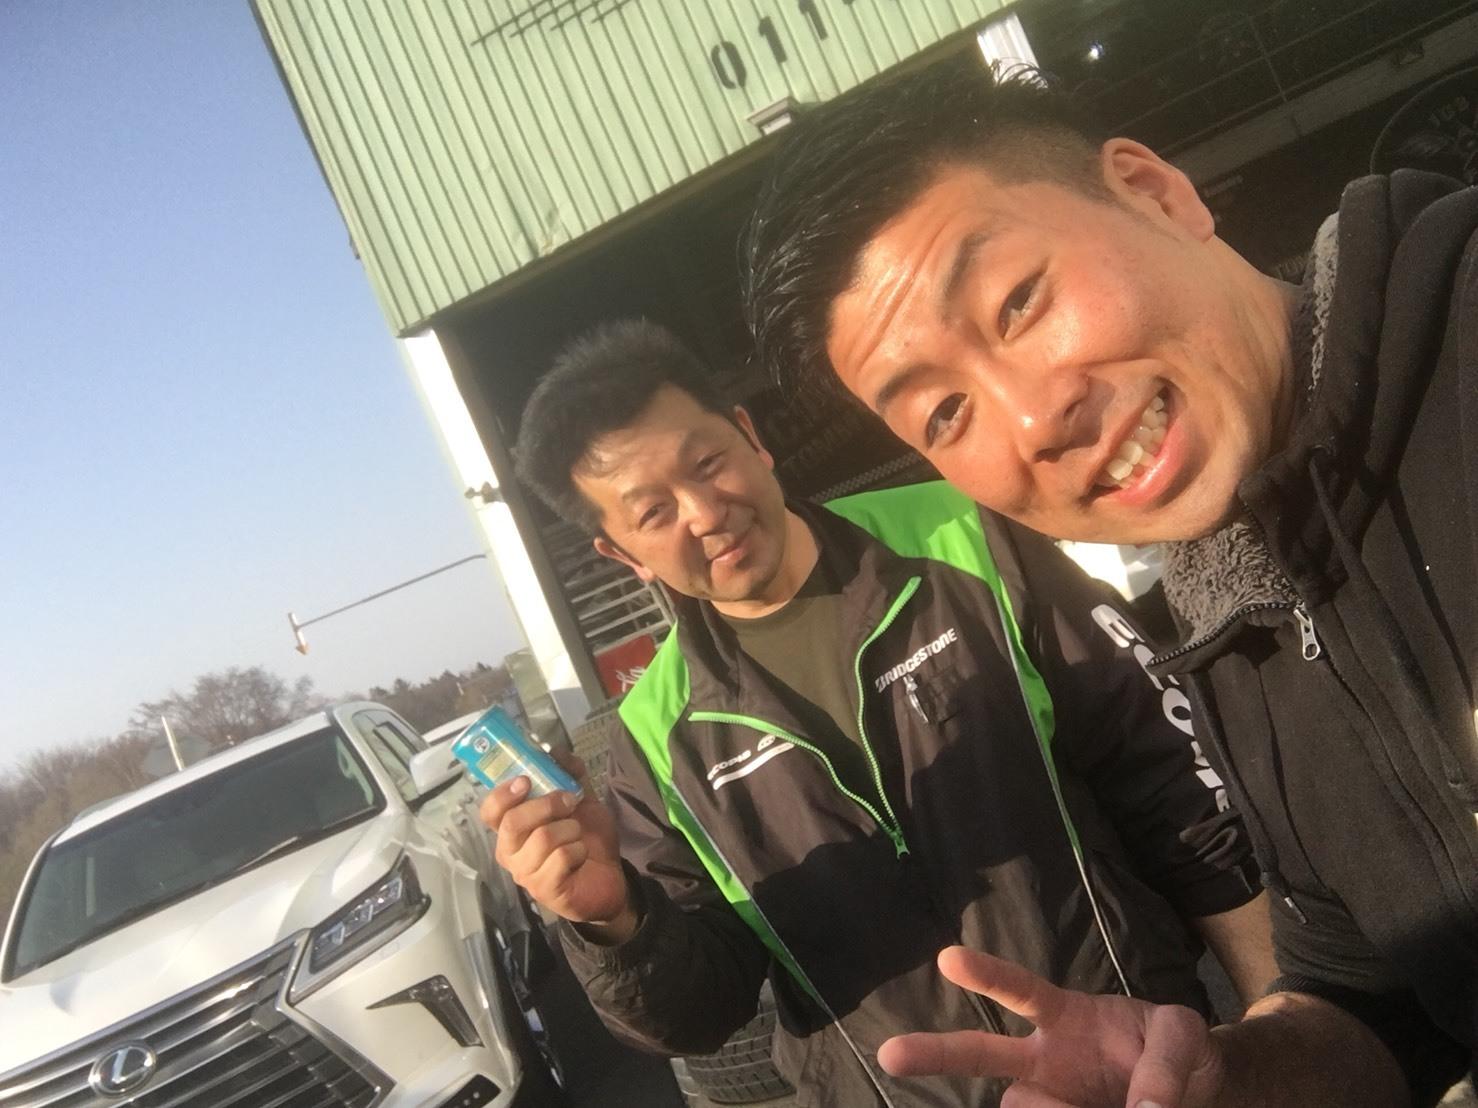 4月23日(月)トミーベース カスタムブログ☆S様キャンバス O様フォレスタ納車☆_b0127002_12233175.jpg